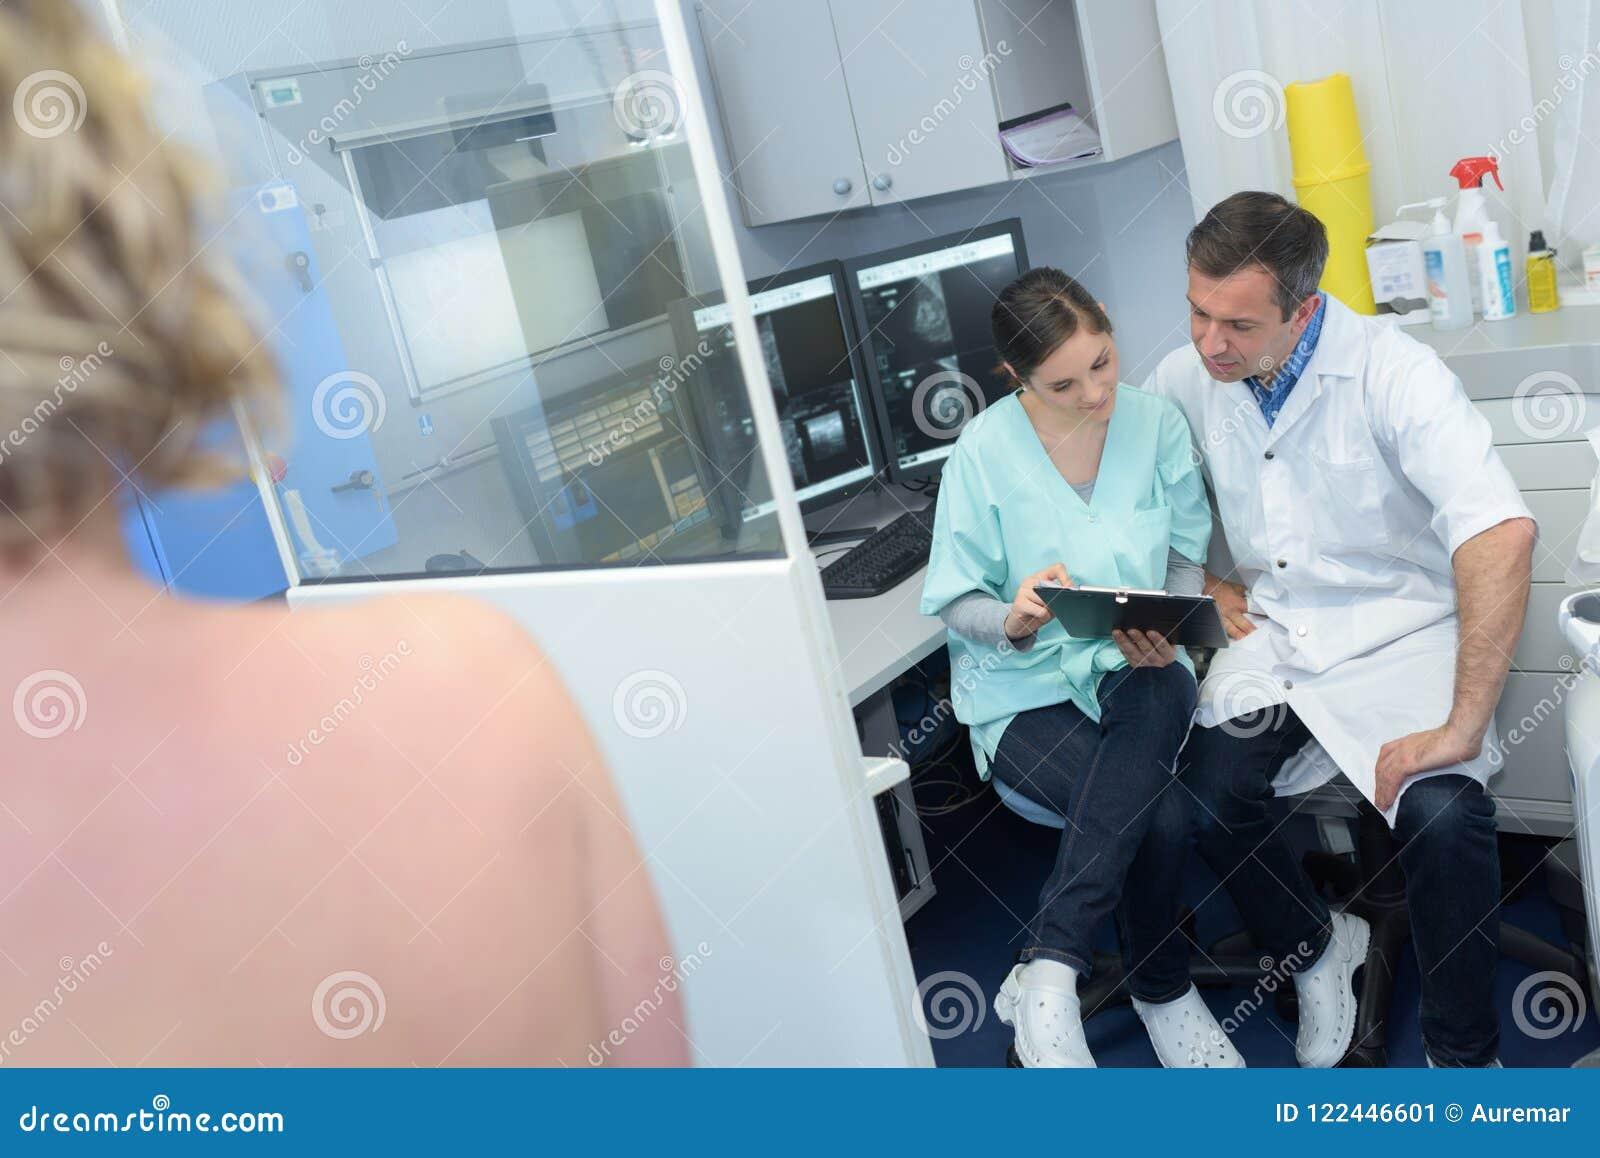 讨论患者赤裸肩膀的放射学医护人员在前景